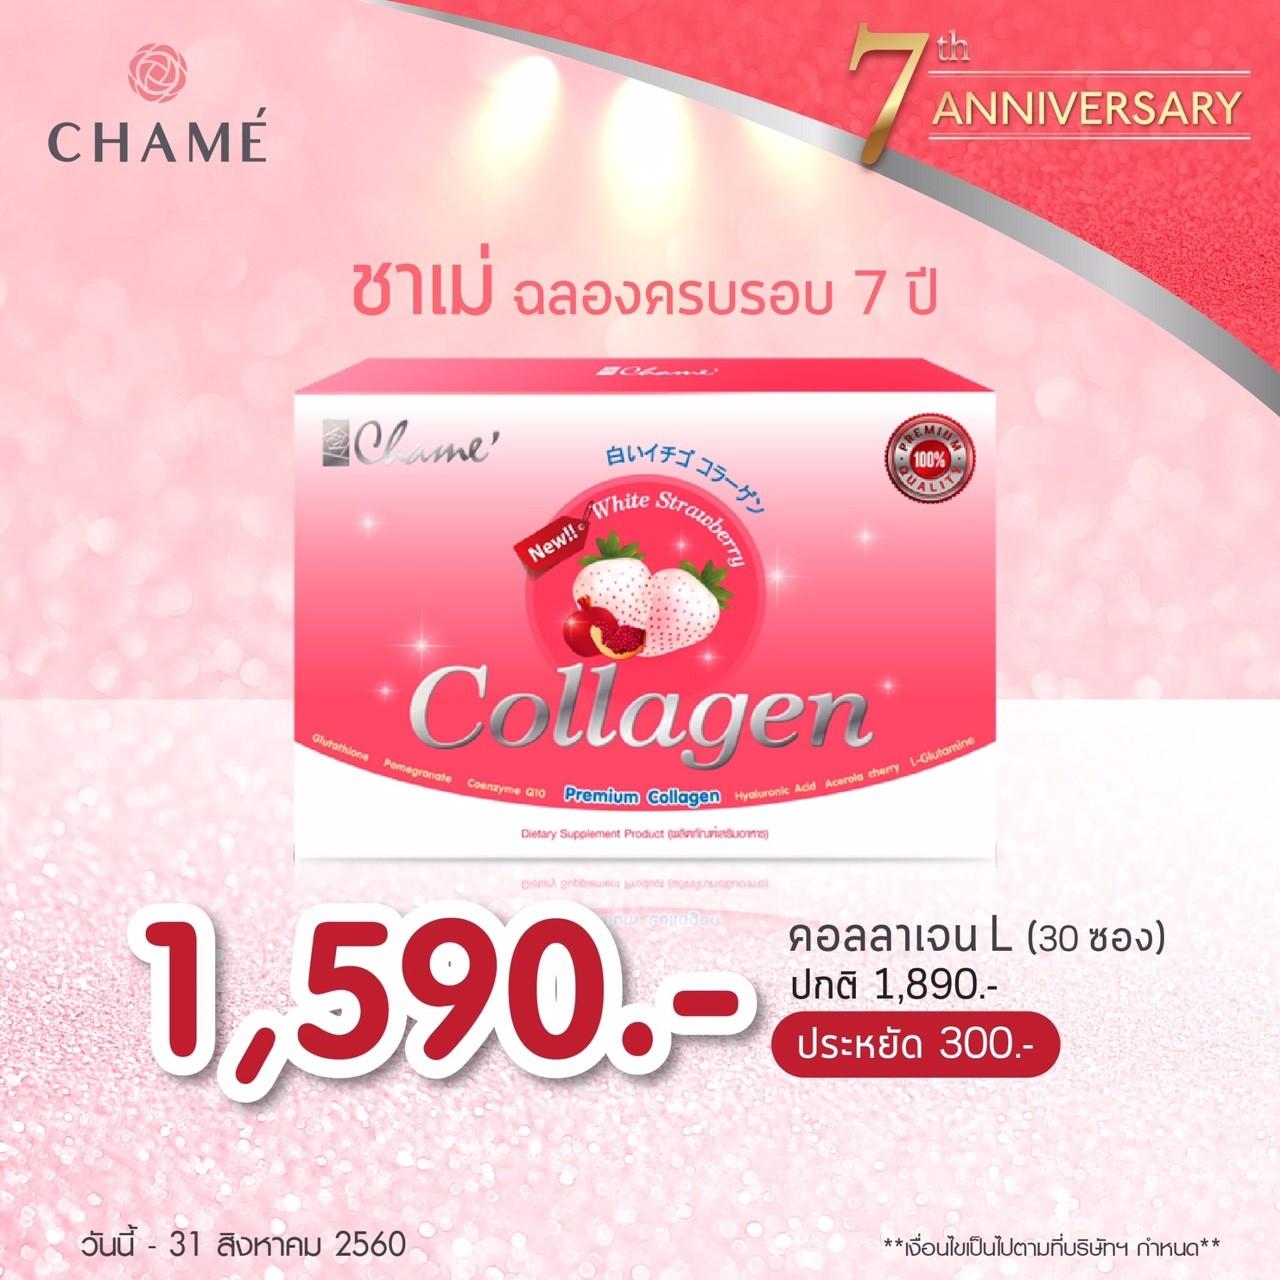 Chame Collagen White Strawberry (ชาเม่ คอลลาเจน ไวท์สตรอเบอรี่) 1 กล่อง